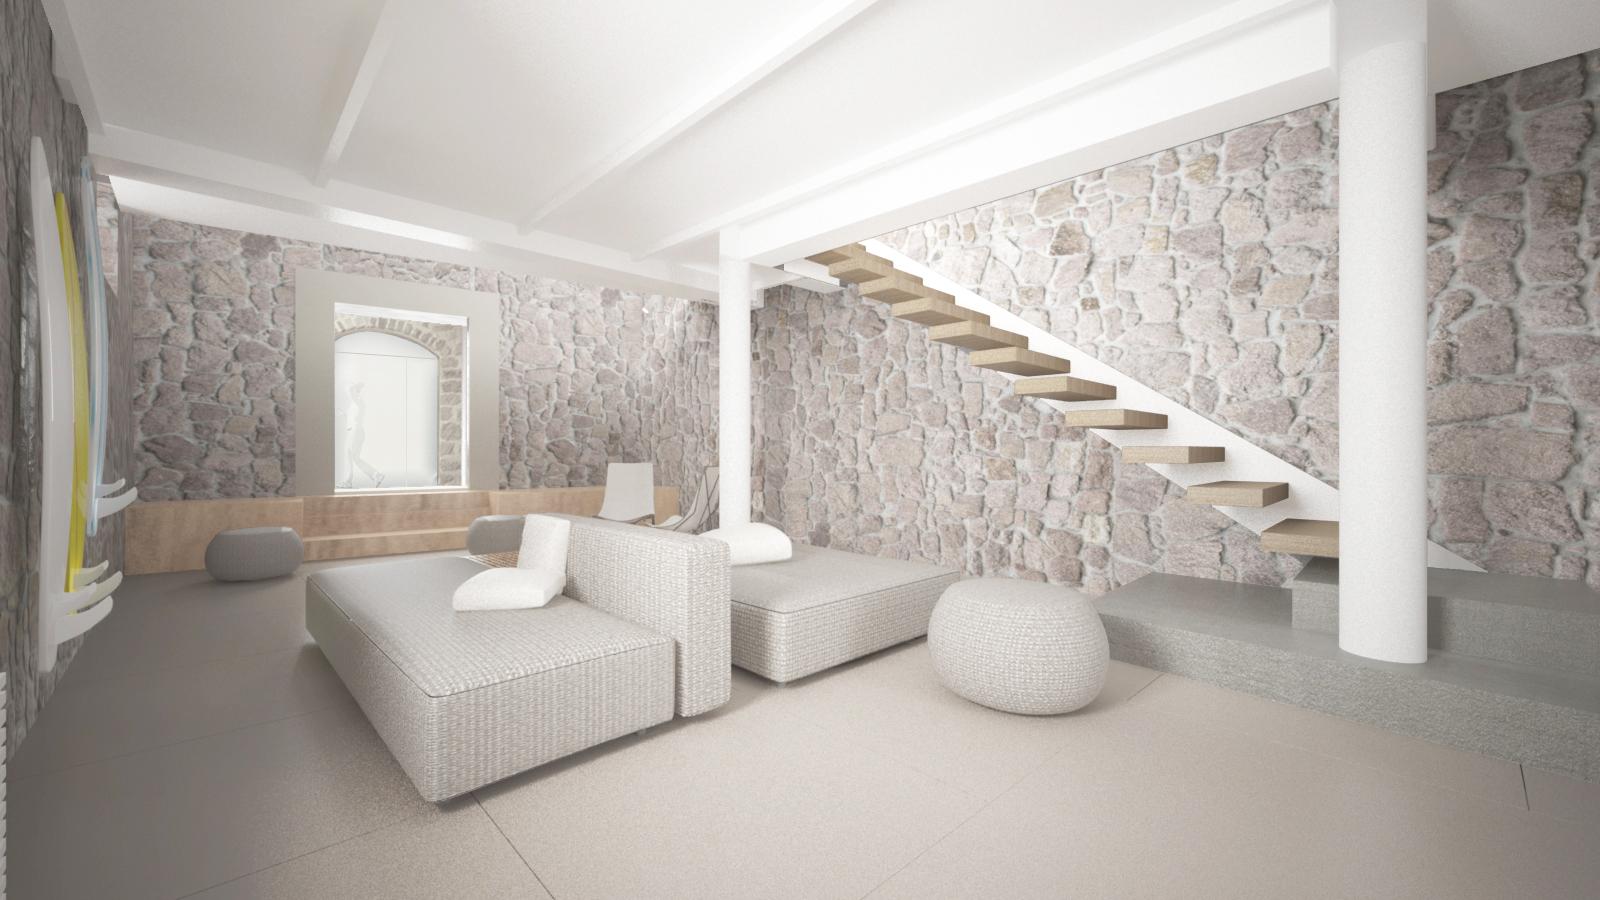 Case moderne interni bianchi le case moderne dagli for Casa interni bianchi